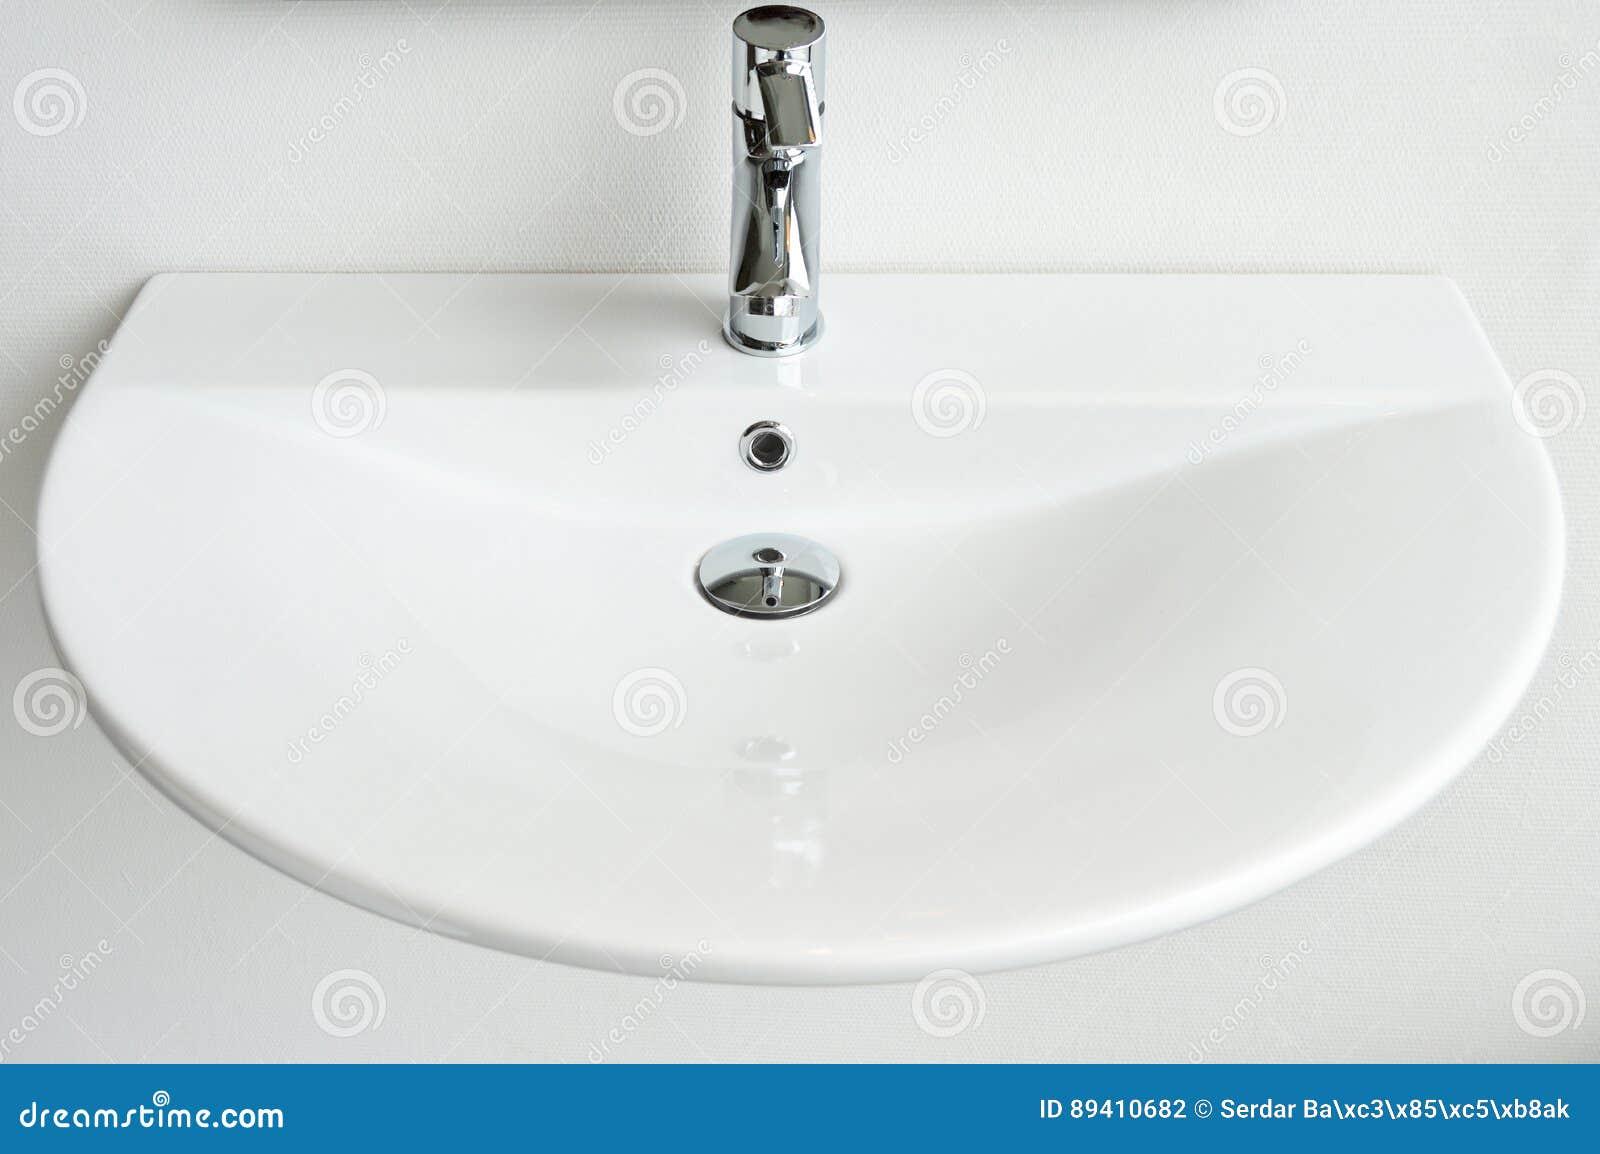 Dissipador e torneira modernos do banheiro